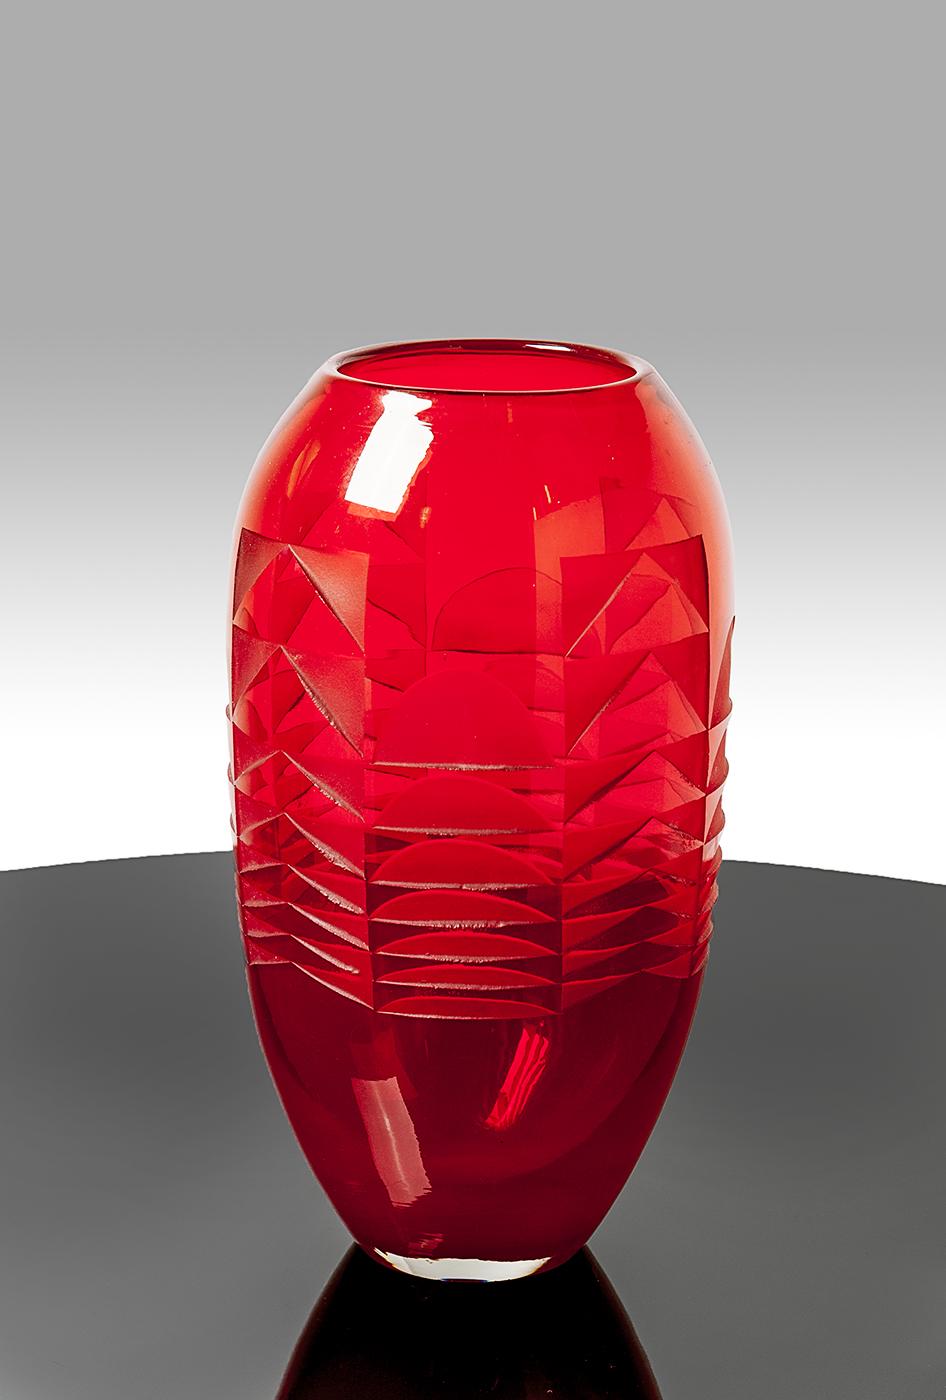 Art Deco Vase, rotes Glas Vase Art Deco, Josephs Art Interior